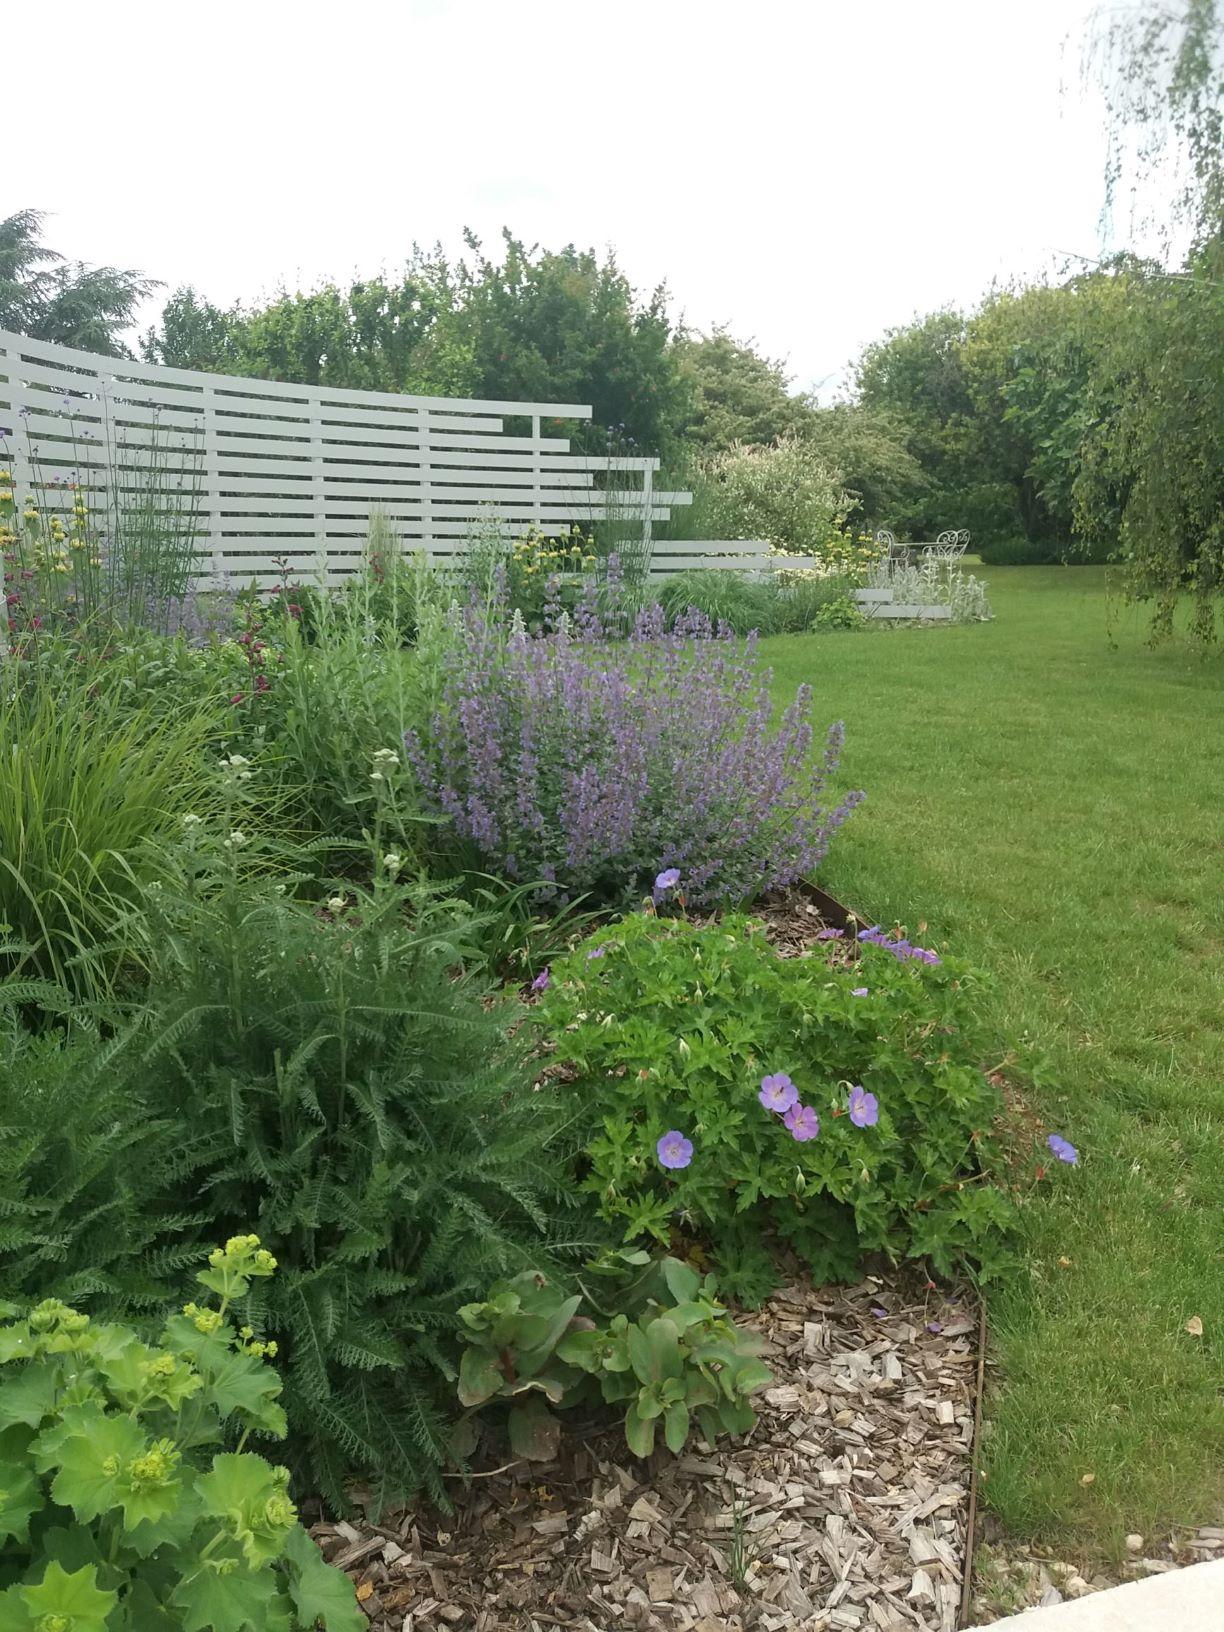 Massif de fleurs violette et plantes vertes dans jardin particulier bien entretenu